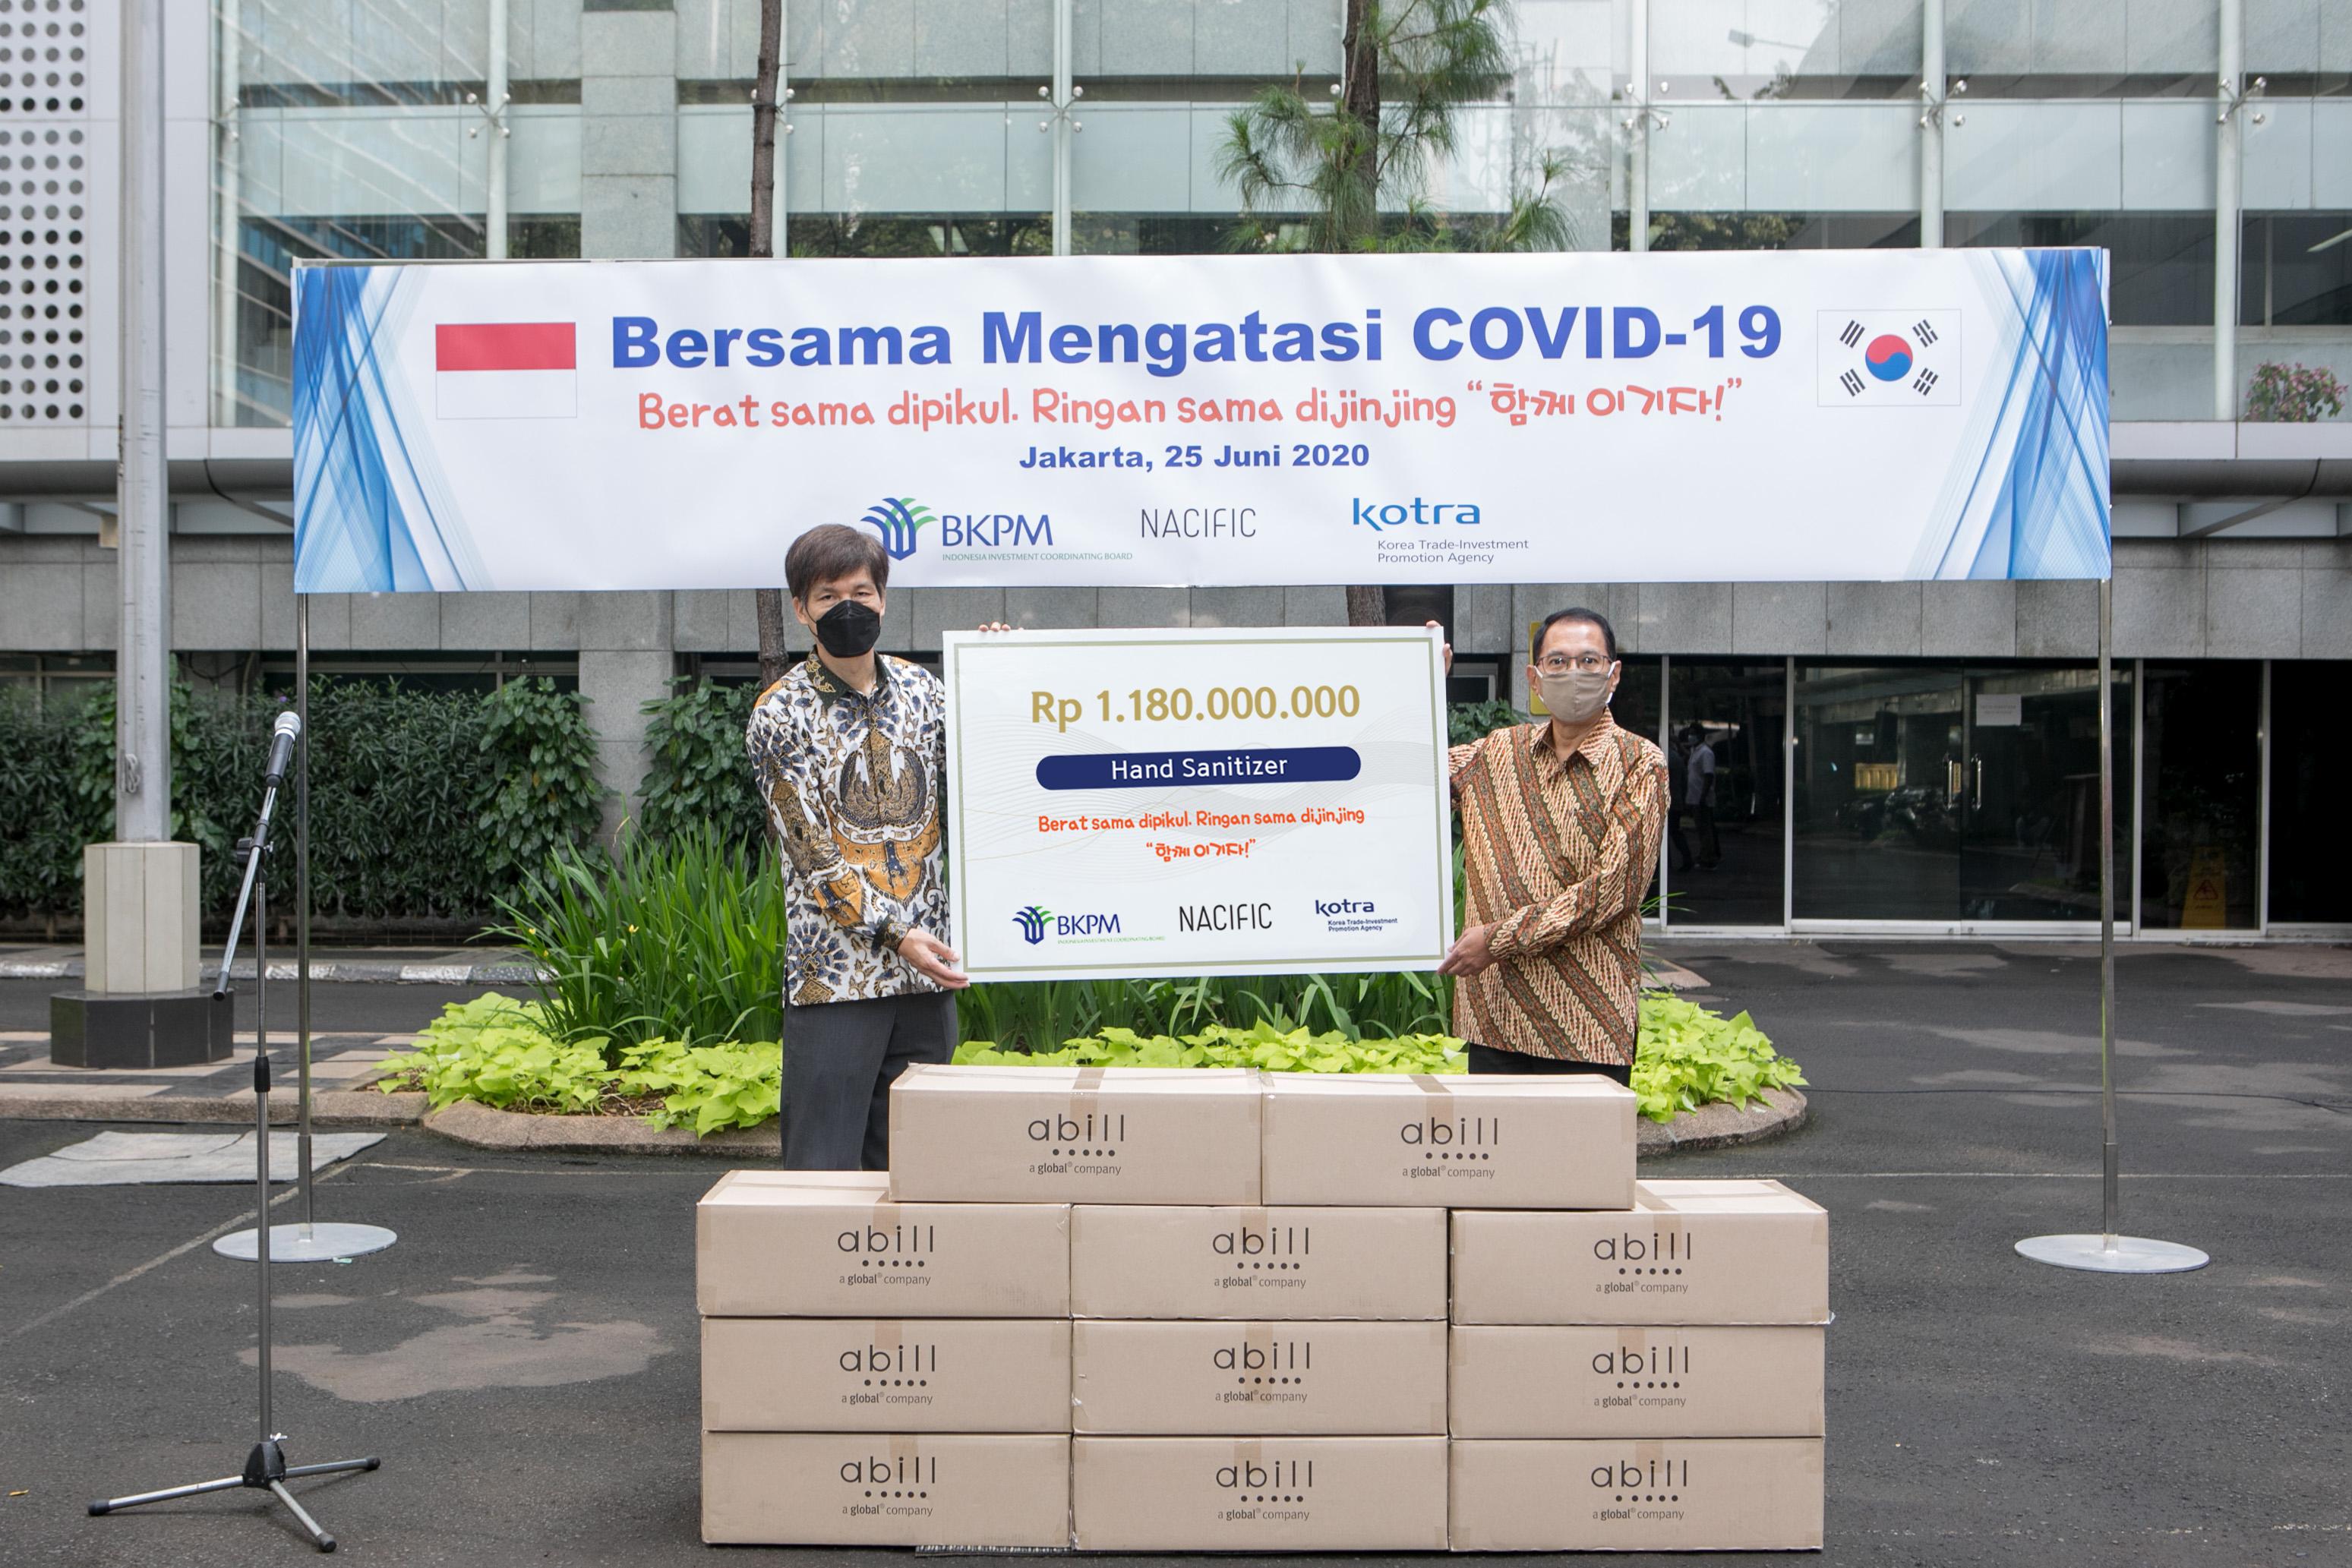 인도네시아 투자청 (BKPM) Ikmal Lukman 국장(Deputy Chairman for Investment Promotion-오른쪽)과  코트라 자카르타 무역관 이종윤 관장(왼쪽)